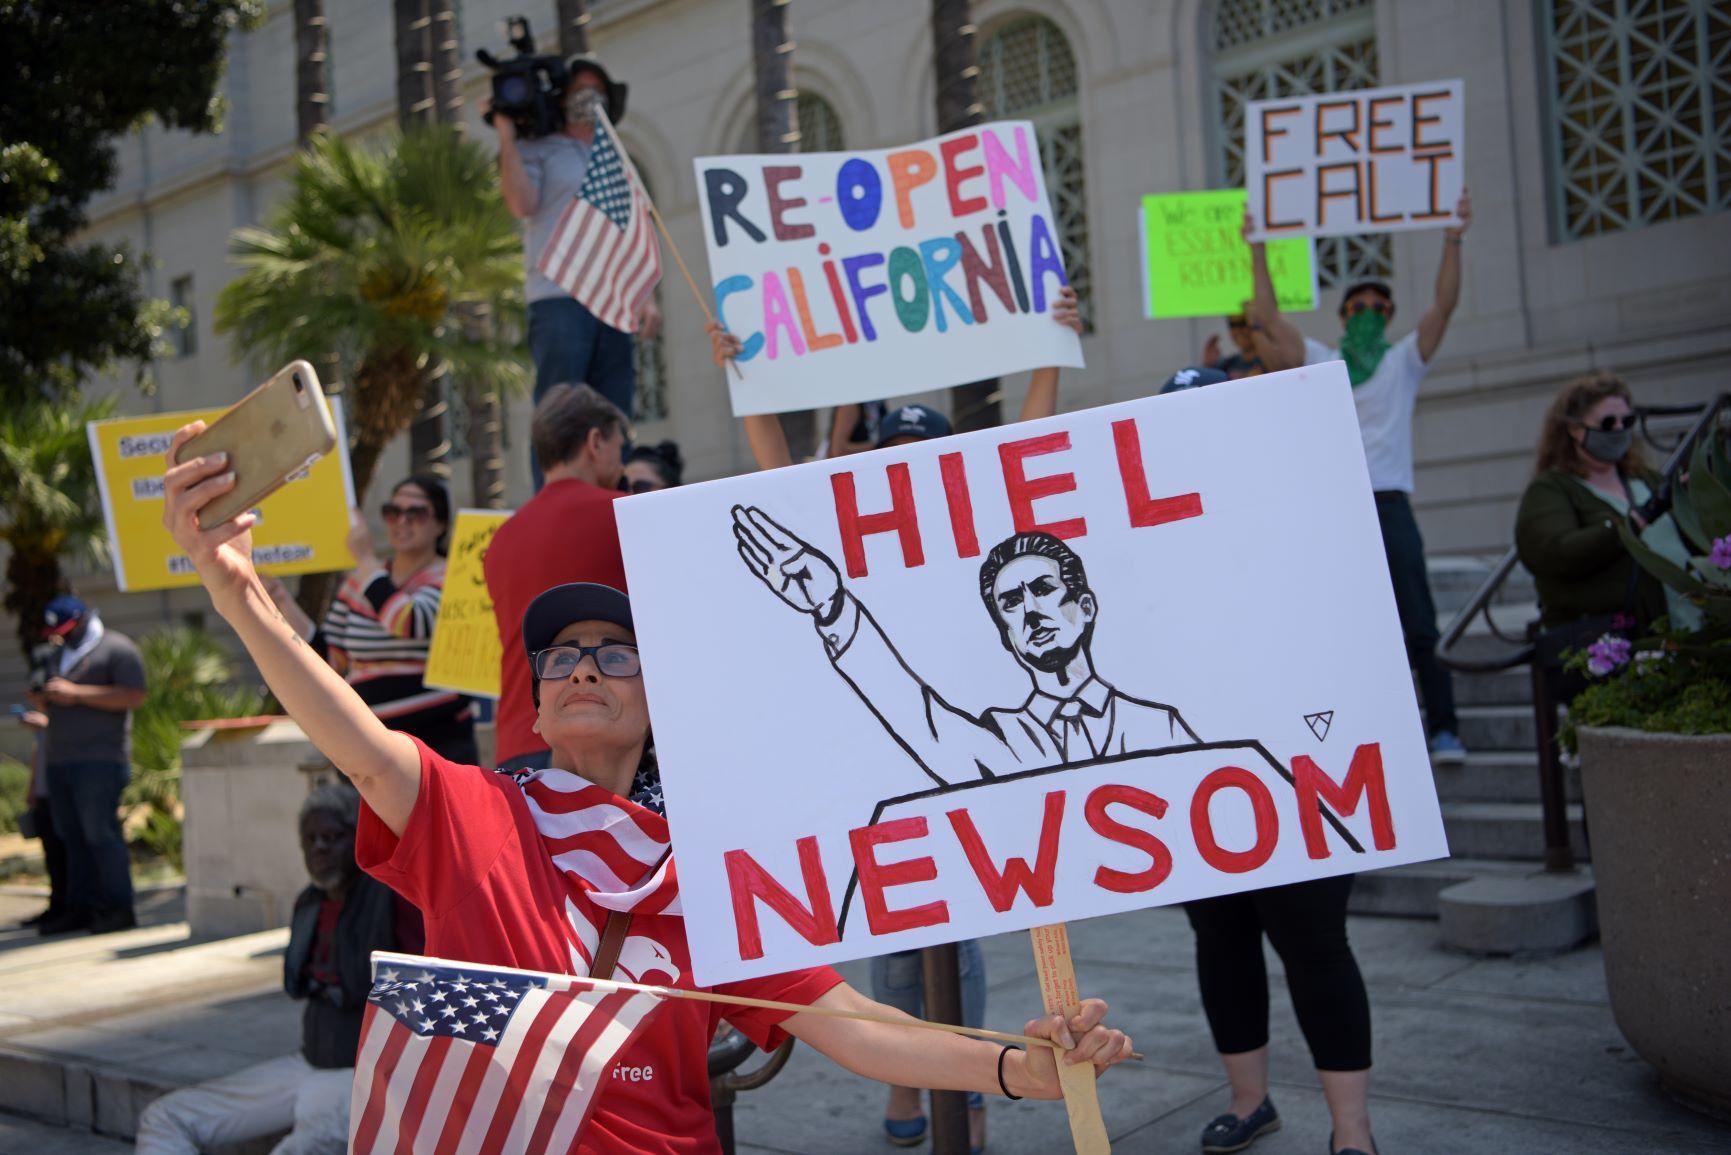 """Cartaz compara o governador da Califórnia, Gavin Newsome, a nazista em protesto contra lockdown em Los Angeles: governadores democratas são acusados de """"tirania"""" (Foto: Agustin Paullier/AFP)"""